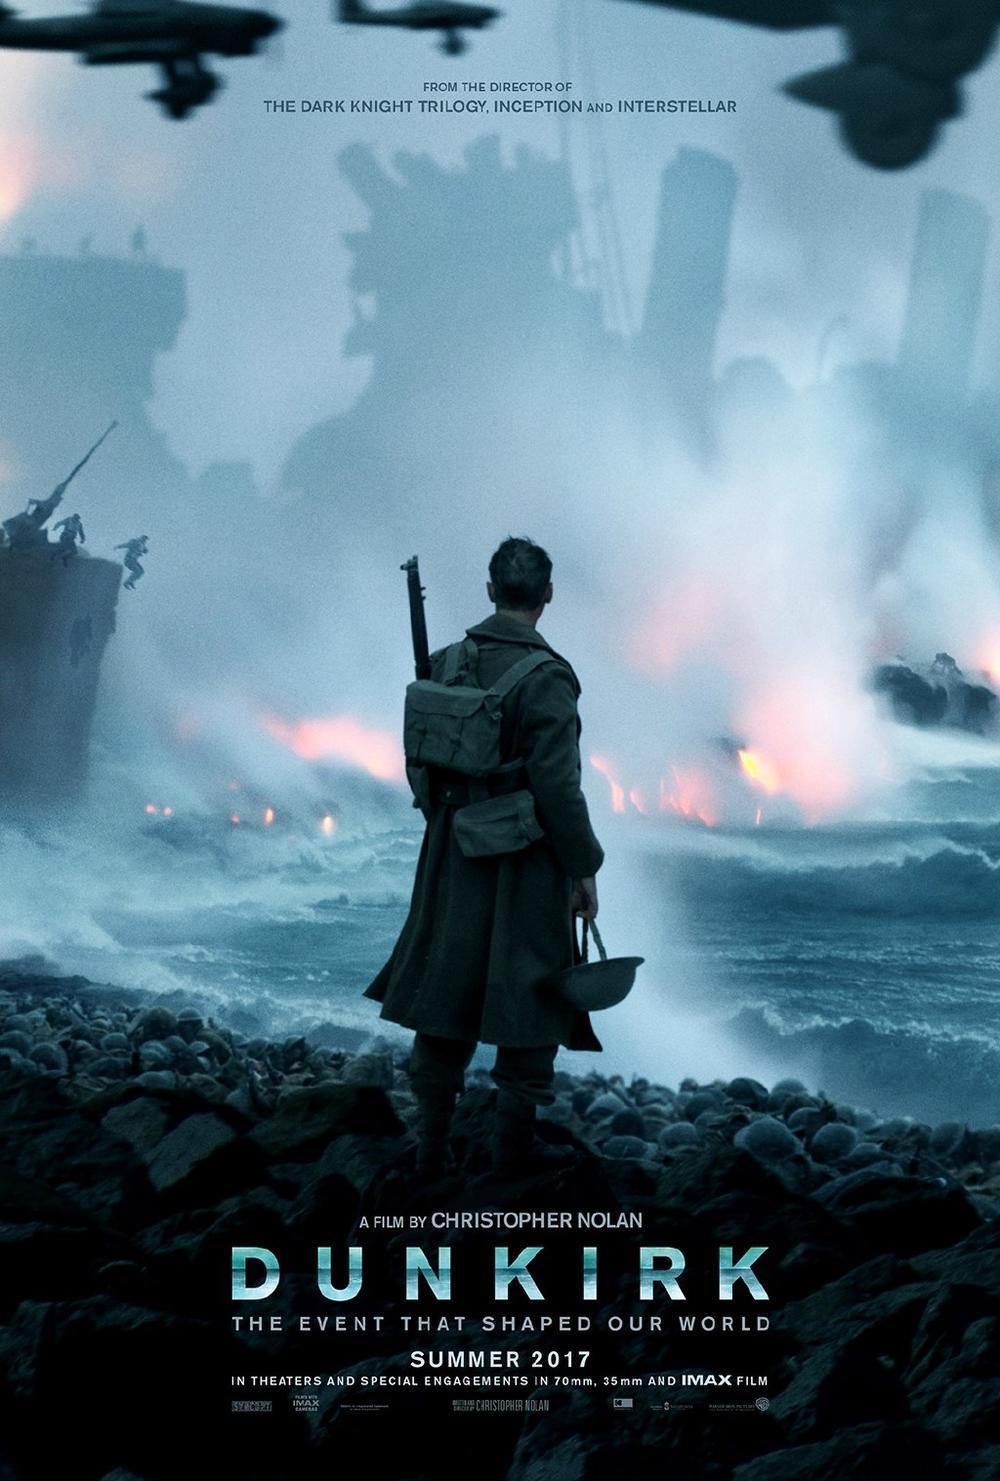 诺兰二战史诗《敦刻尔克》(Dunkirk)首发海报